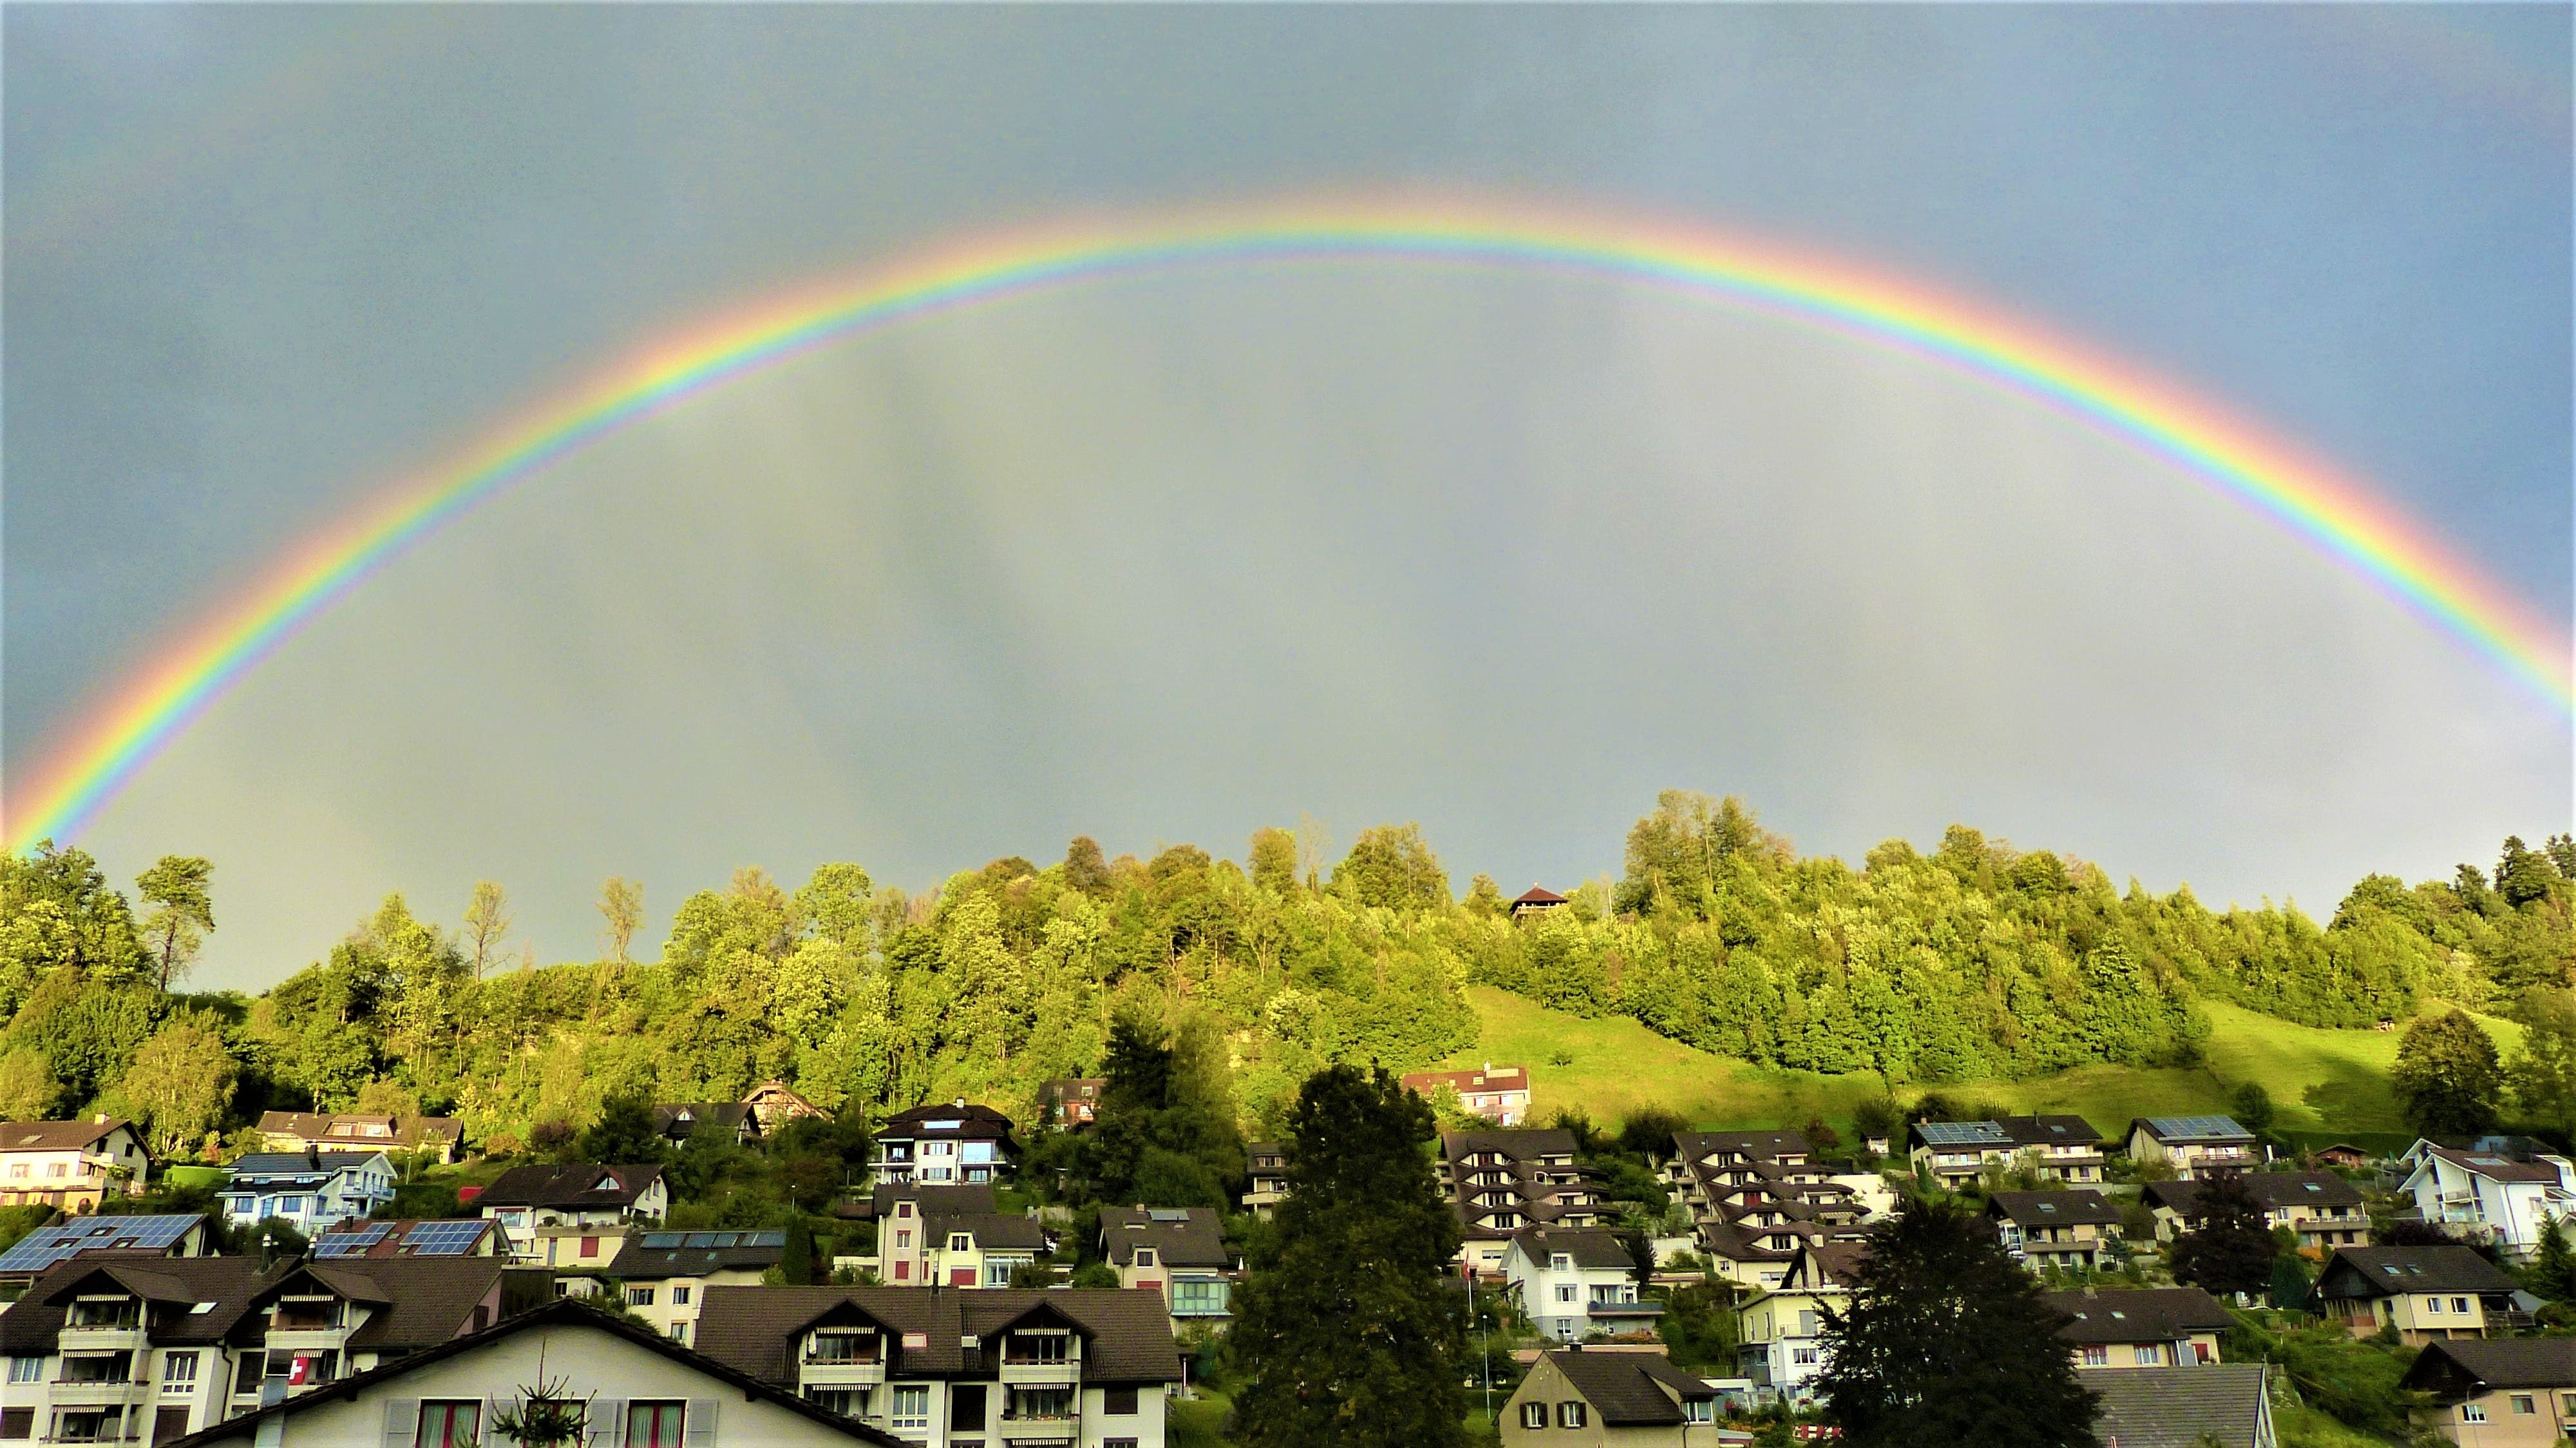 «Ein wunderbarer Regenbogen über der Burg Wolhusen», schreibt Leser-Reporter Josef Lustenberger zu seinem Bild hier.